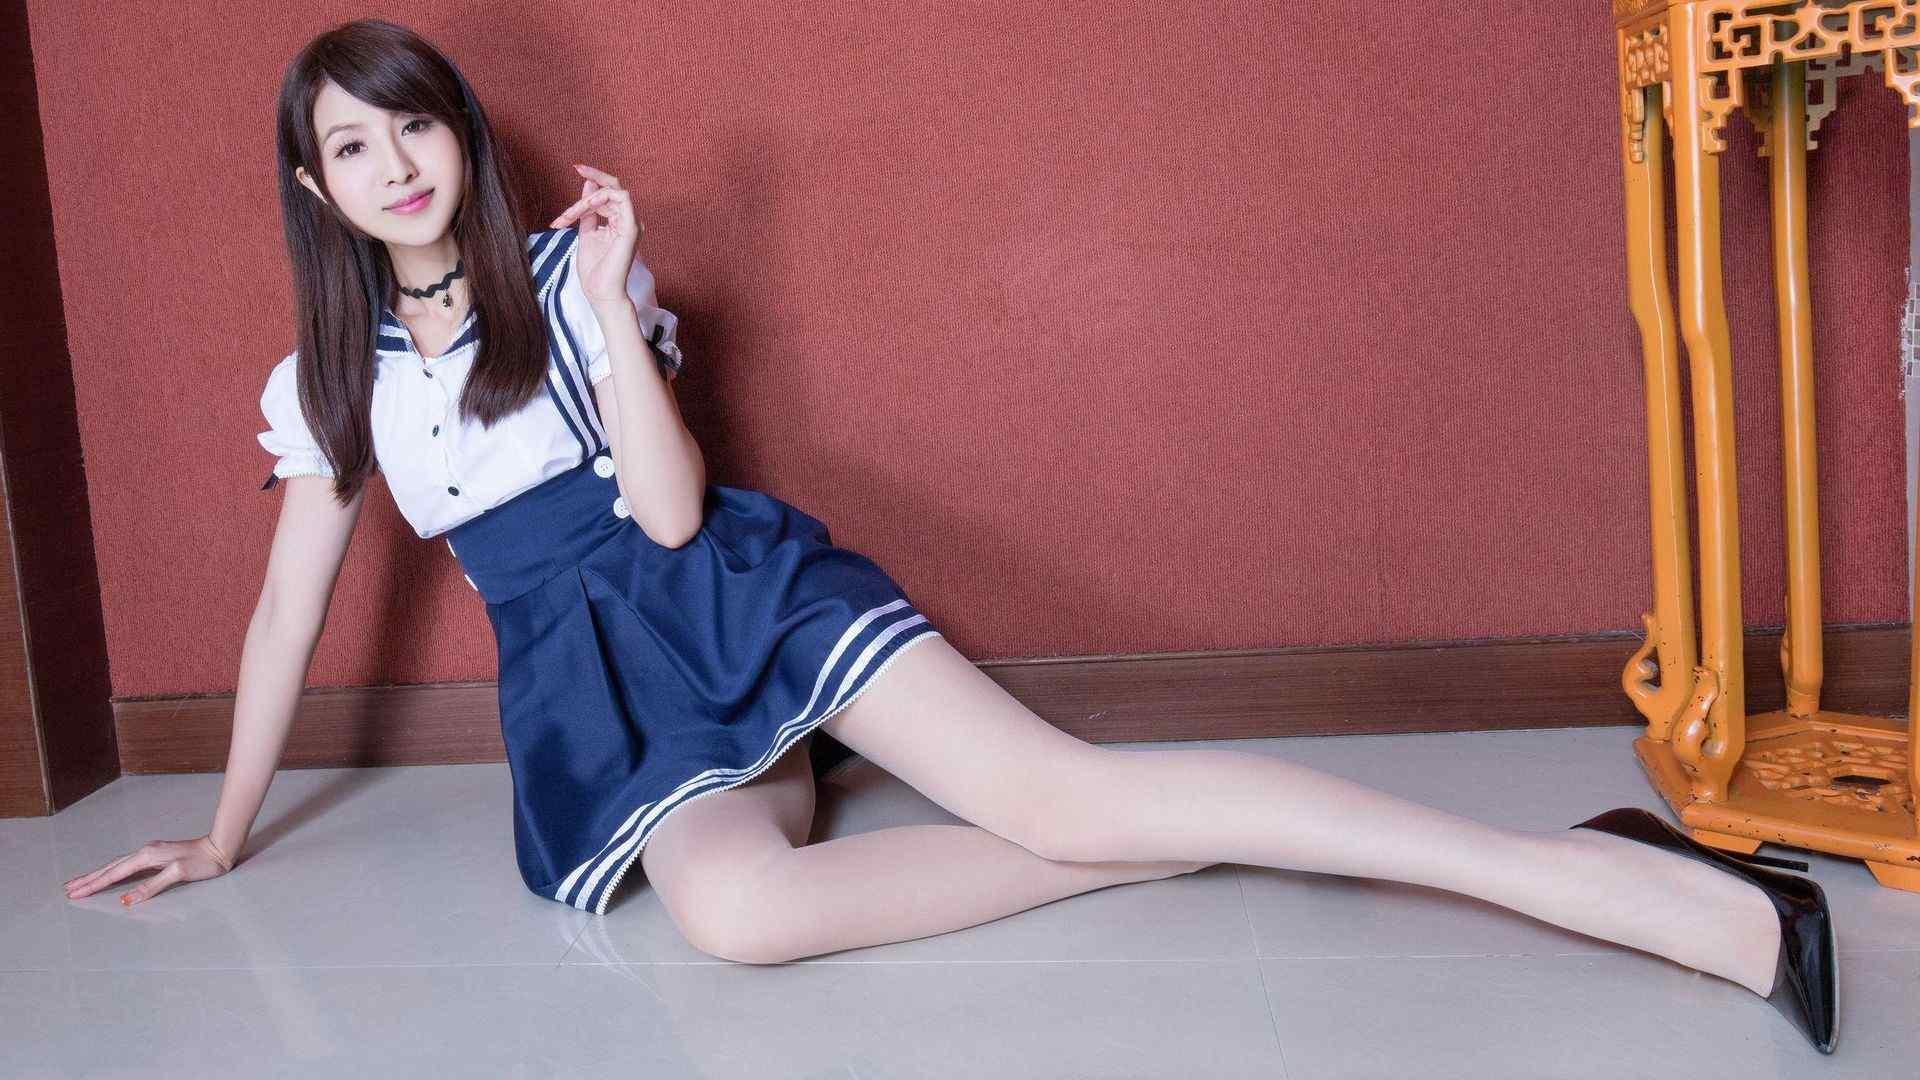 腿模Vicni水手学生制服美腿写真高清壁纸